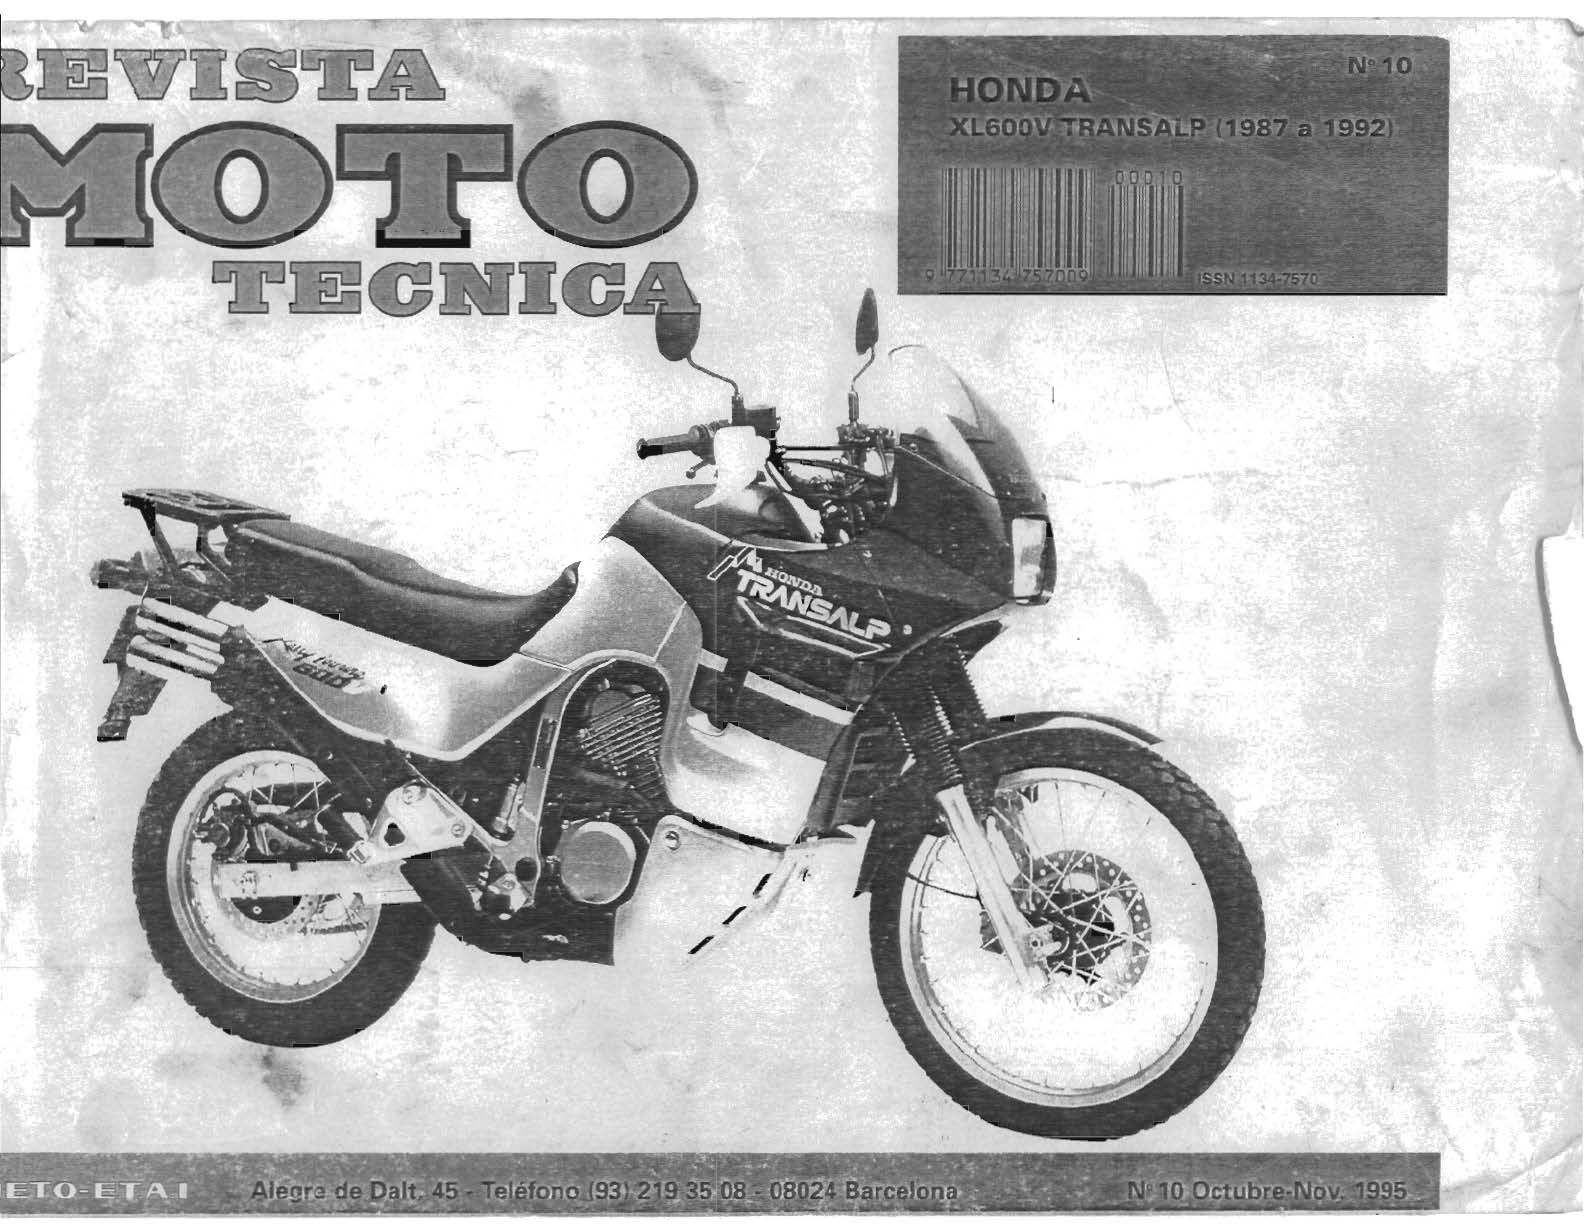 Workshop manual for Honda XL600V (1987-1992) (Spanish)